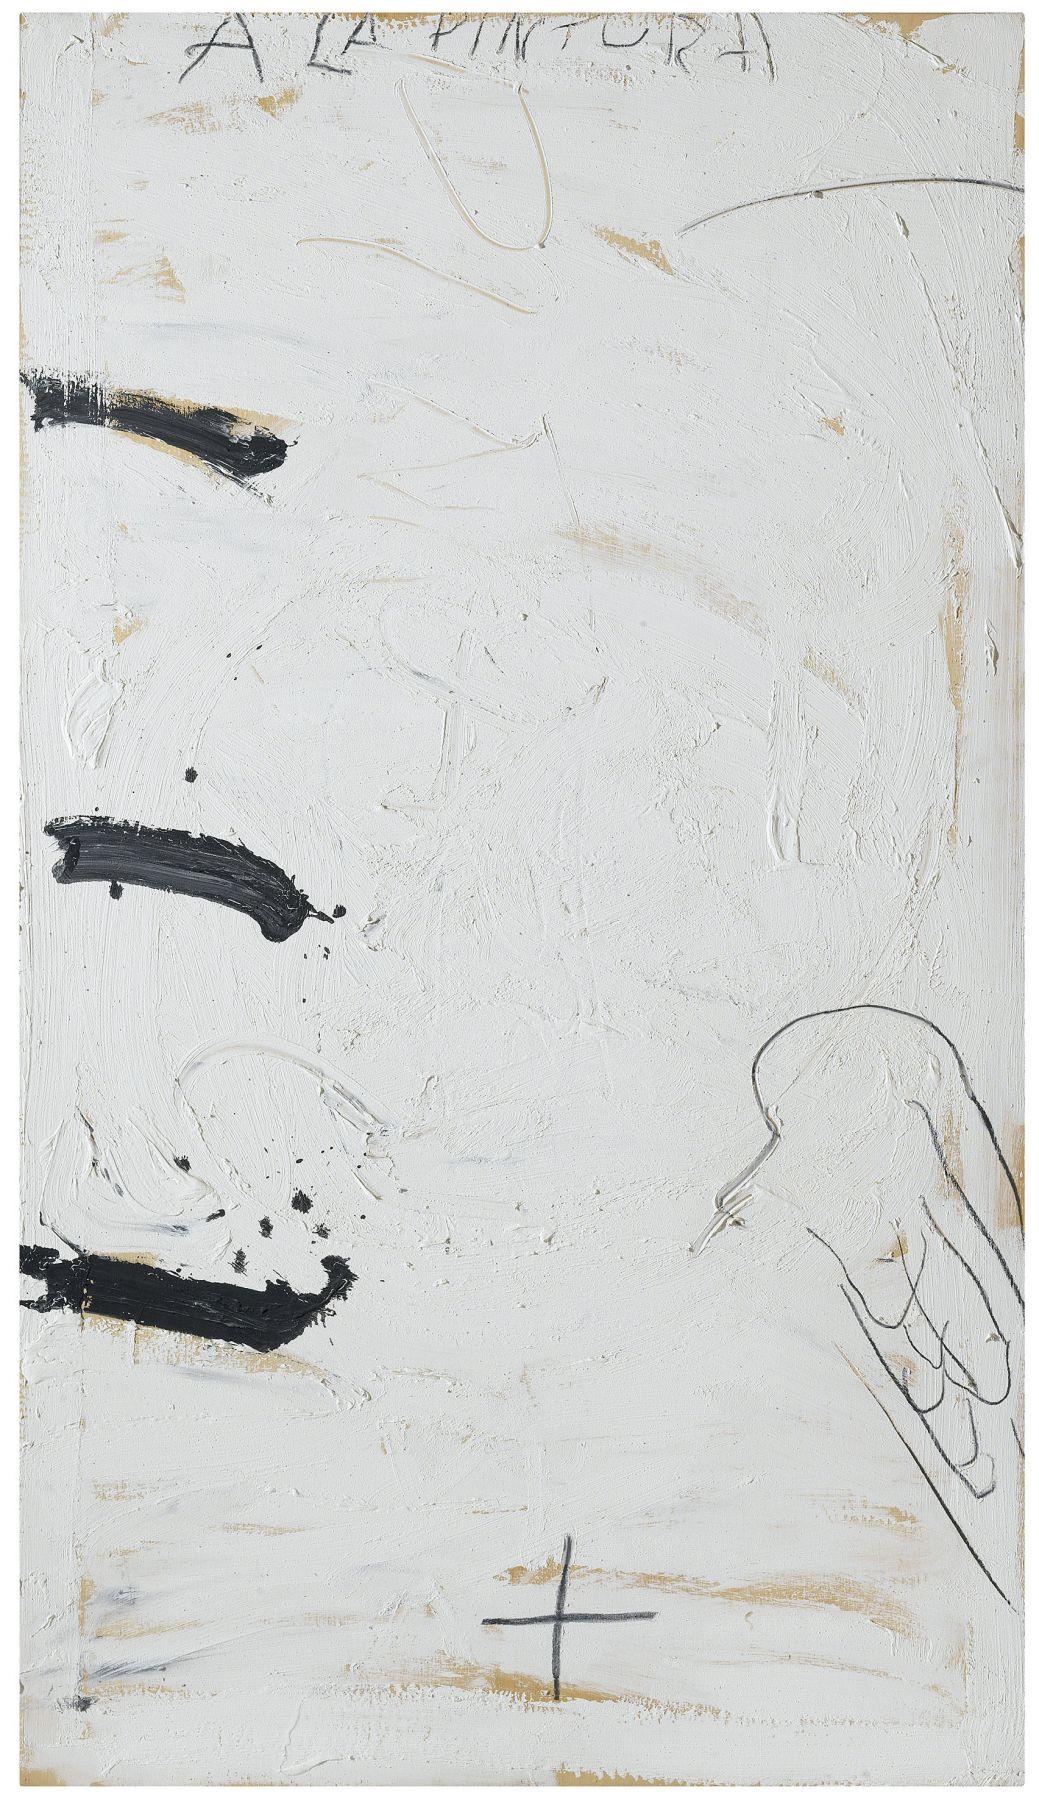 Antoni Tàpies, A la pintura, 1989